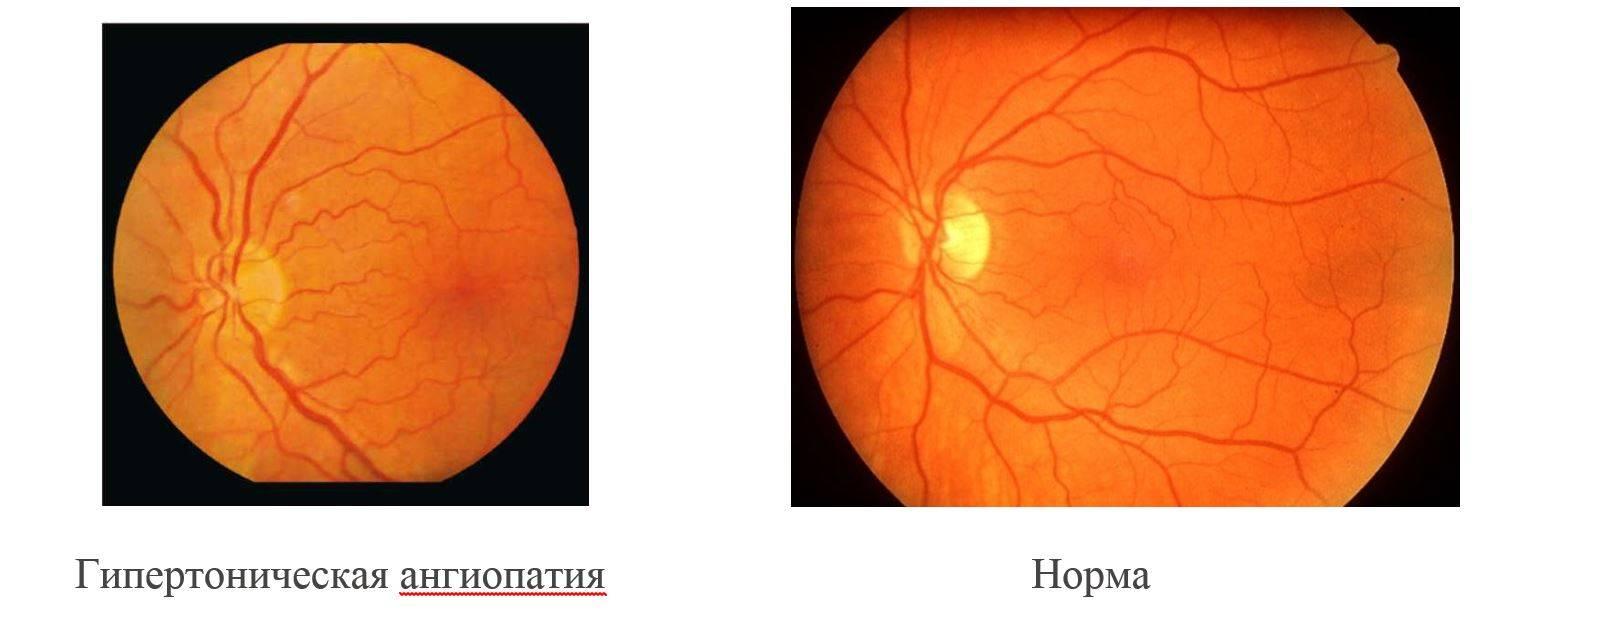 ангиопатия сетчатки глаза у ребенка причины